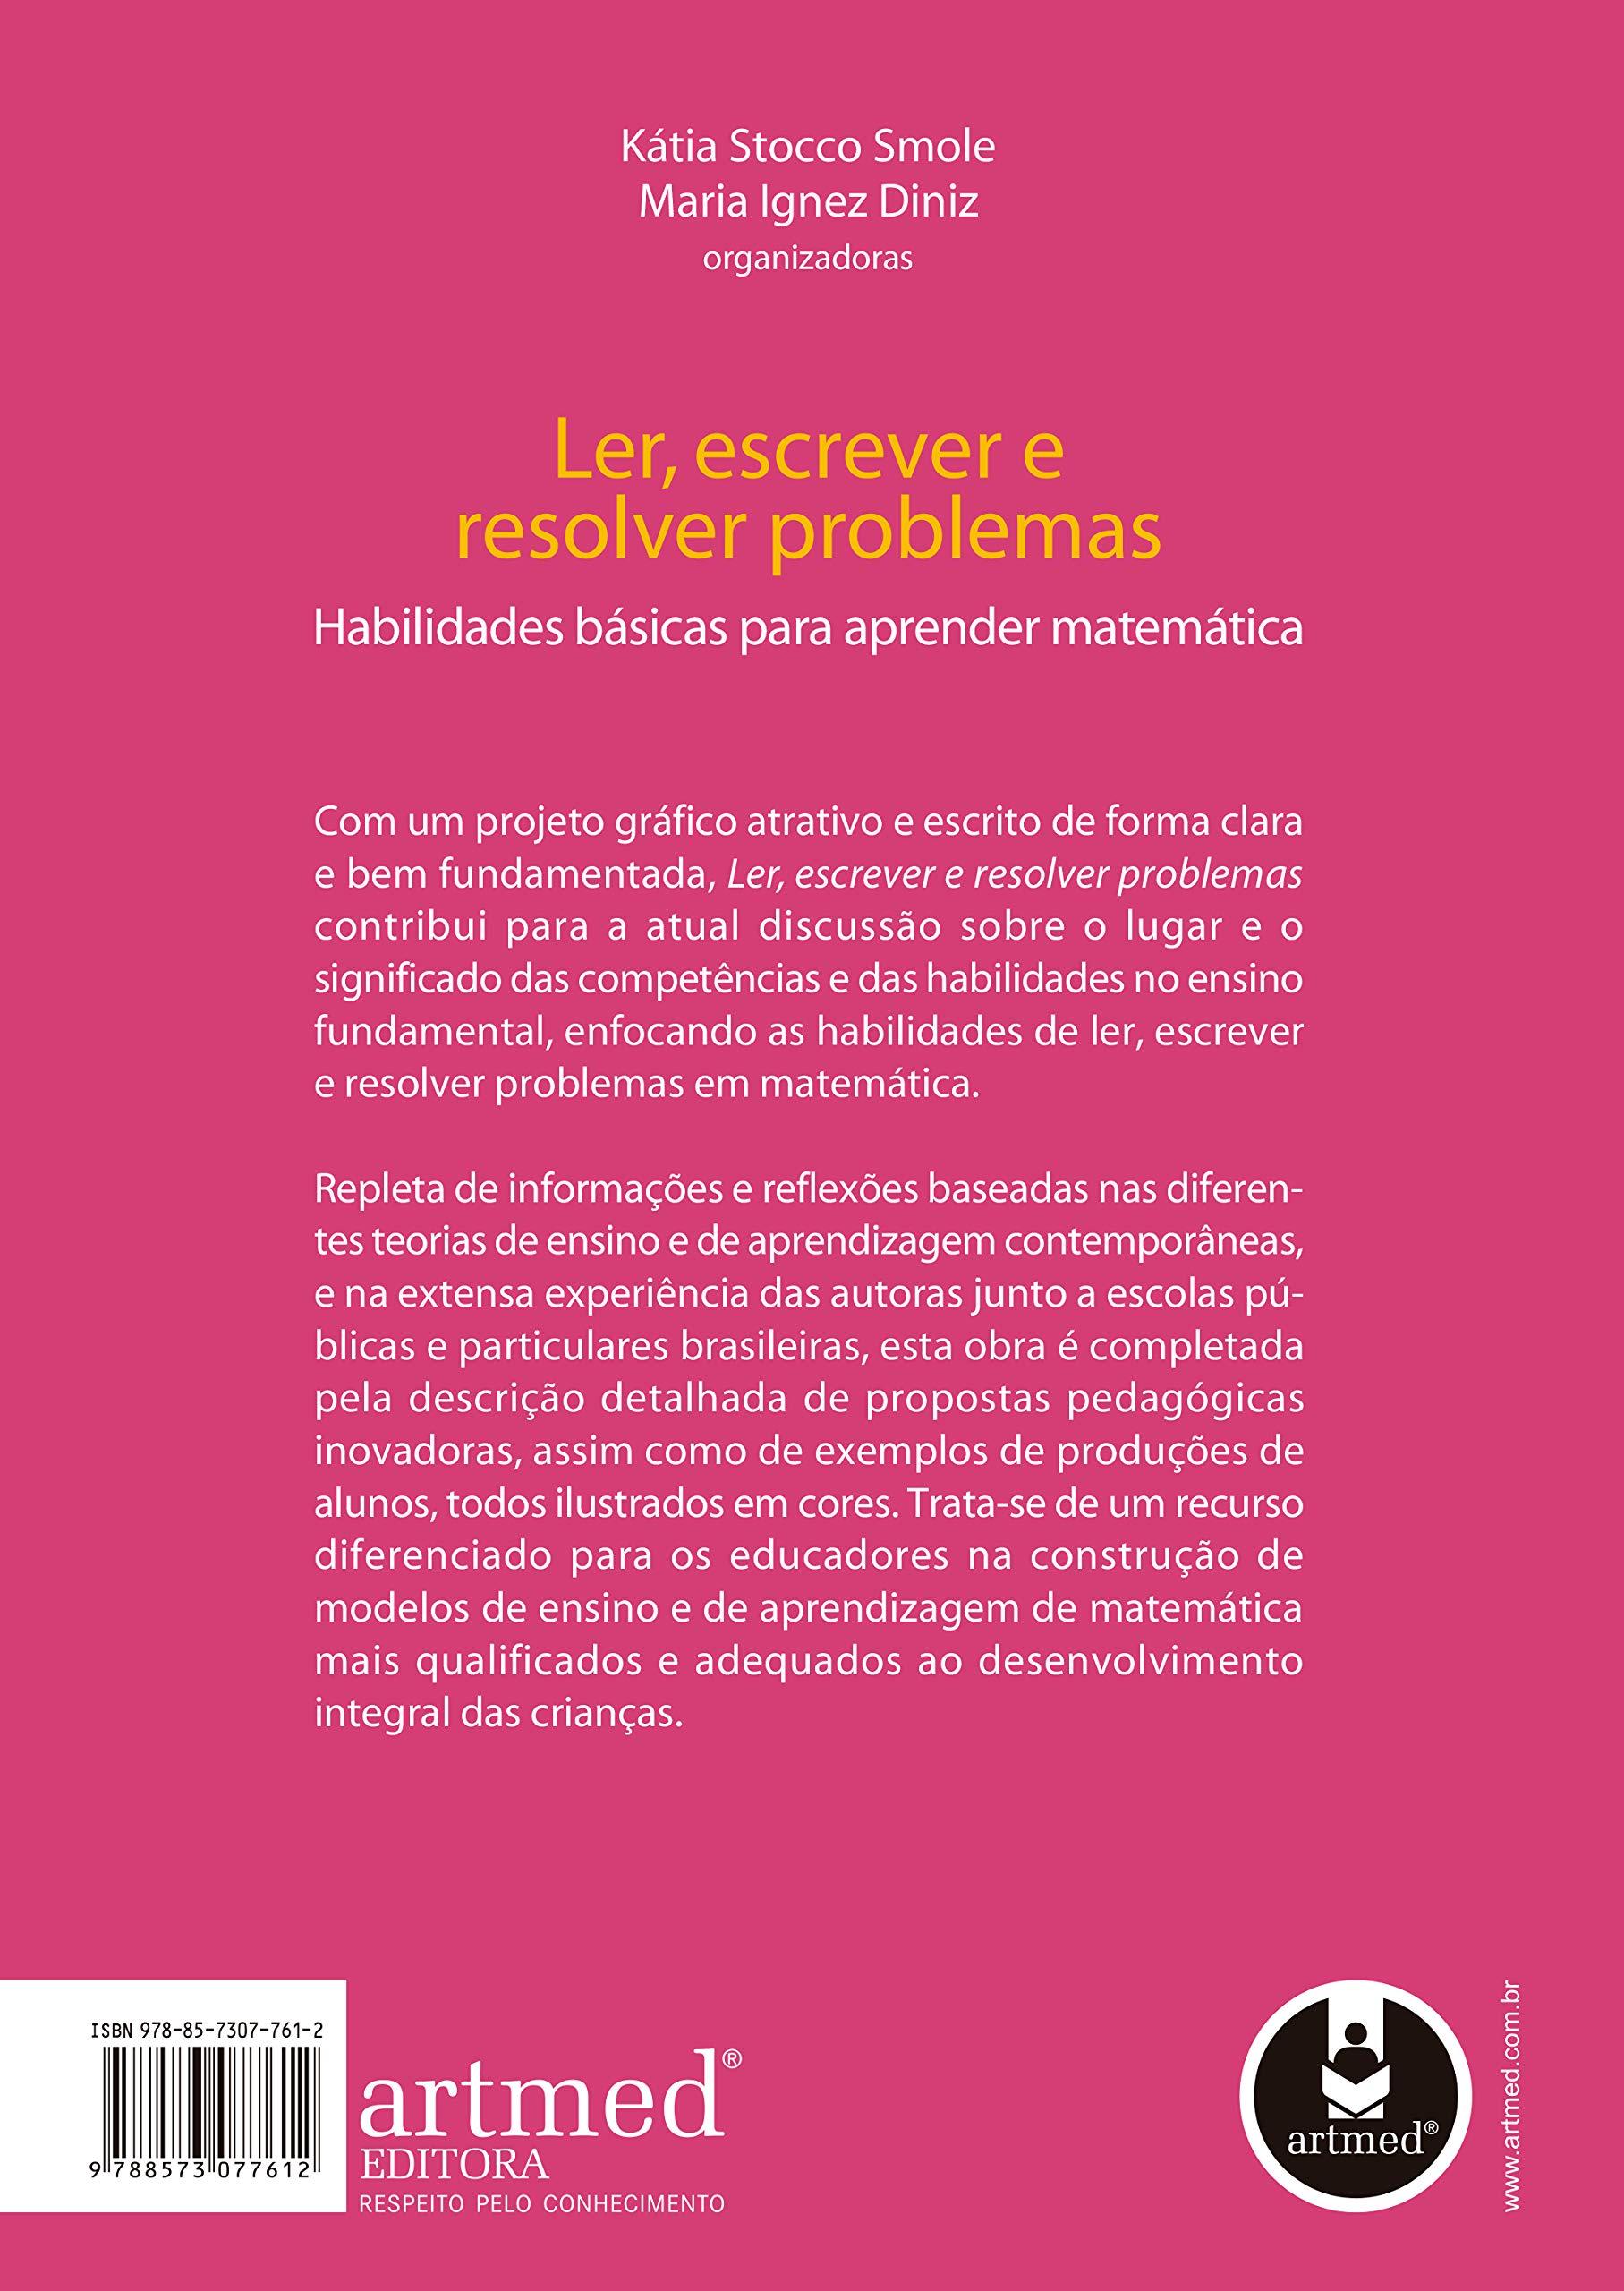 Ler Escrever E Resolver Problemas Habilidades Basicas Para Aprender Matematica Em Portuguese Do Brasil Katia Stocco Smole 9788573077612 Amazon Com Books